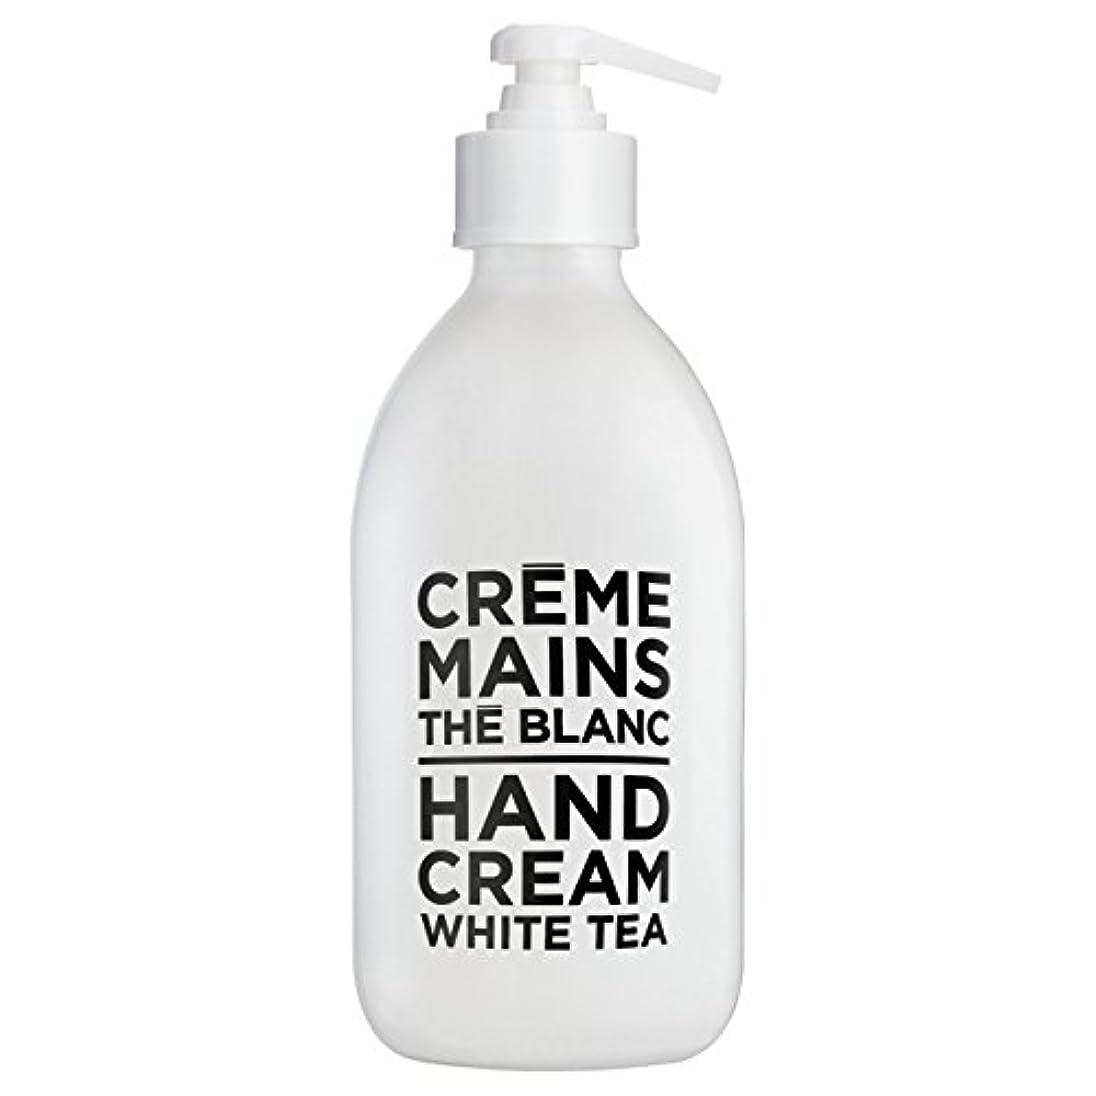 ホステル幸運王室カンパニードプロバンス ブラック&ホワイト ハンドクリーム ホワイトティー(ホワイトティーにシトラスを添えた気品ある香り) 300ml